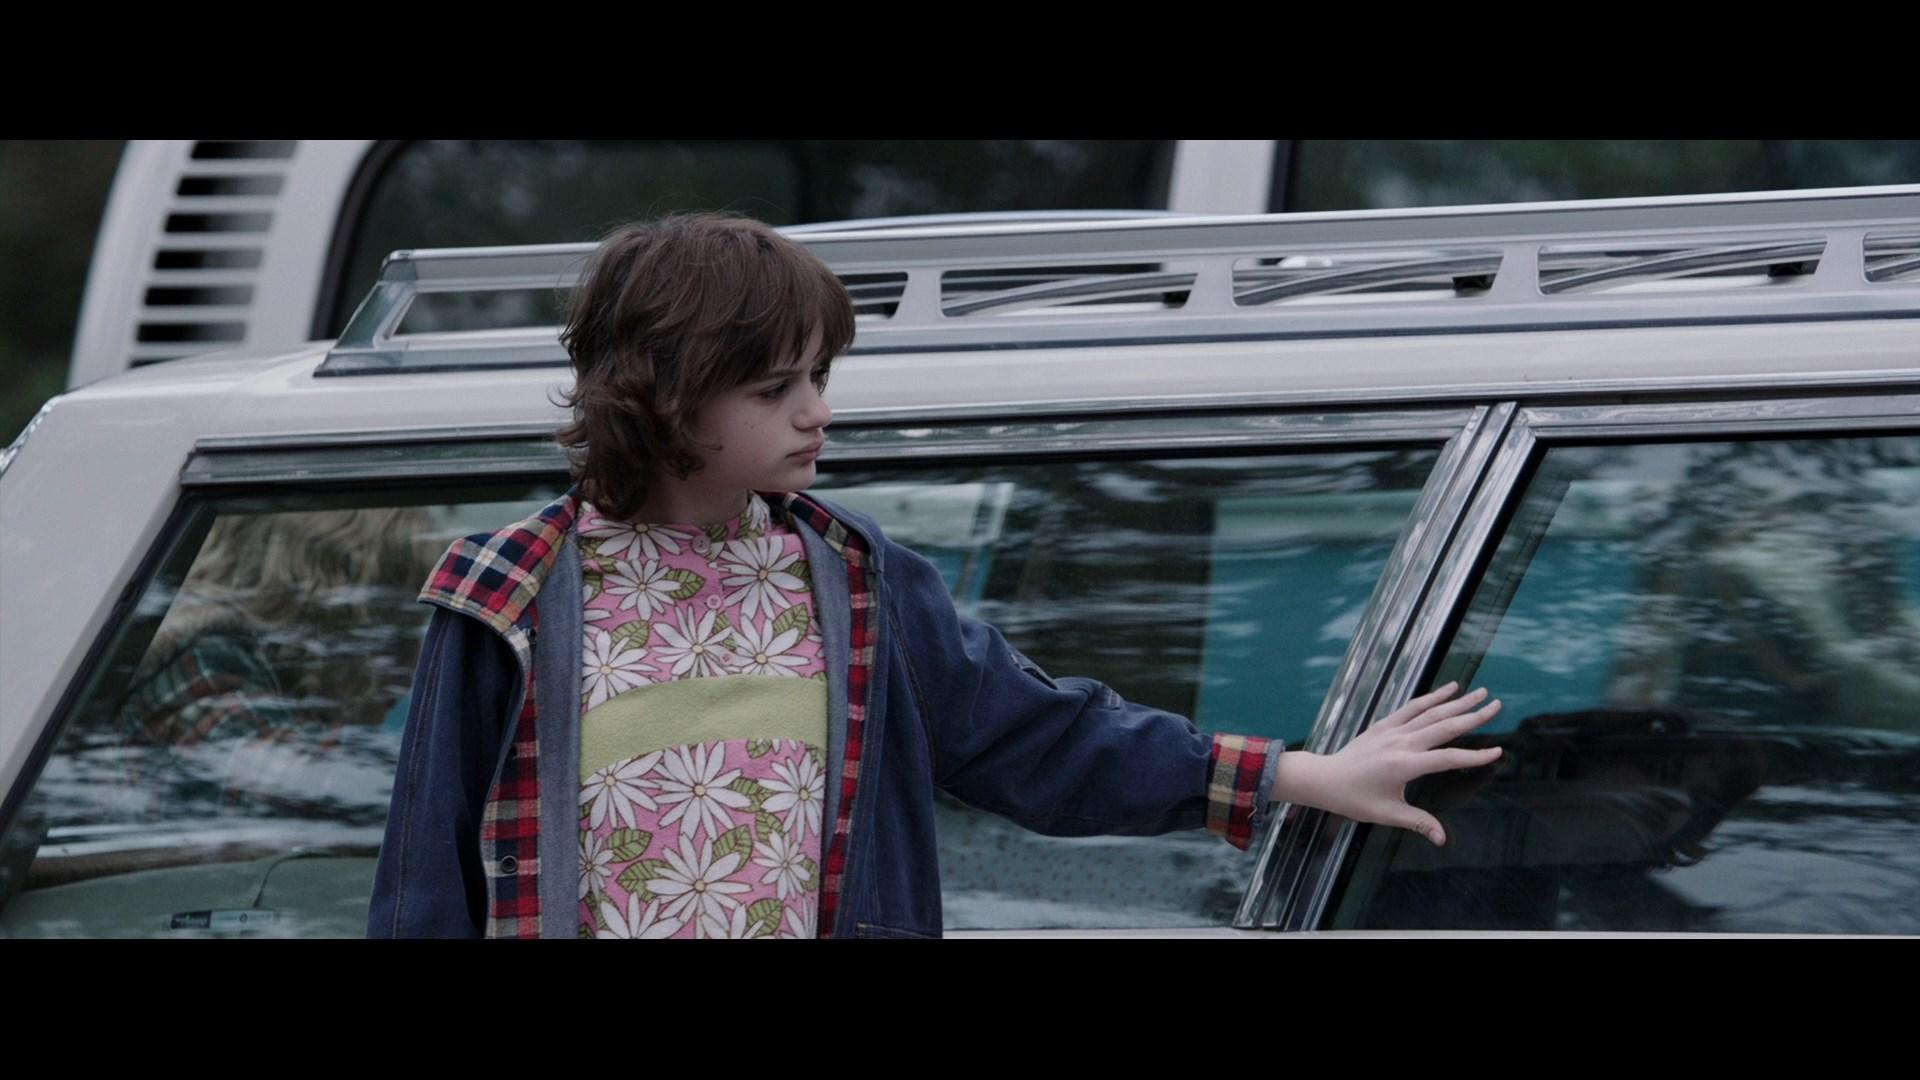 El conjuro (2013) 1080p BDrip Latino